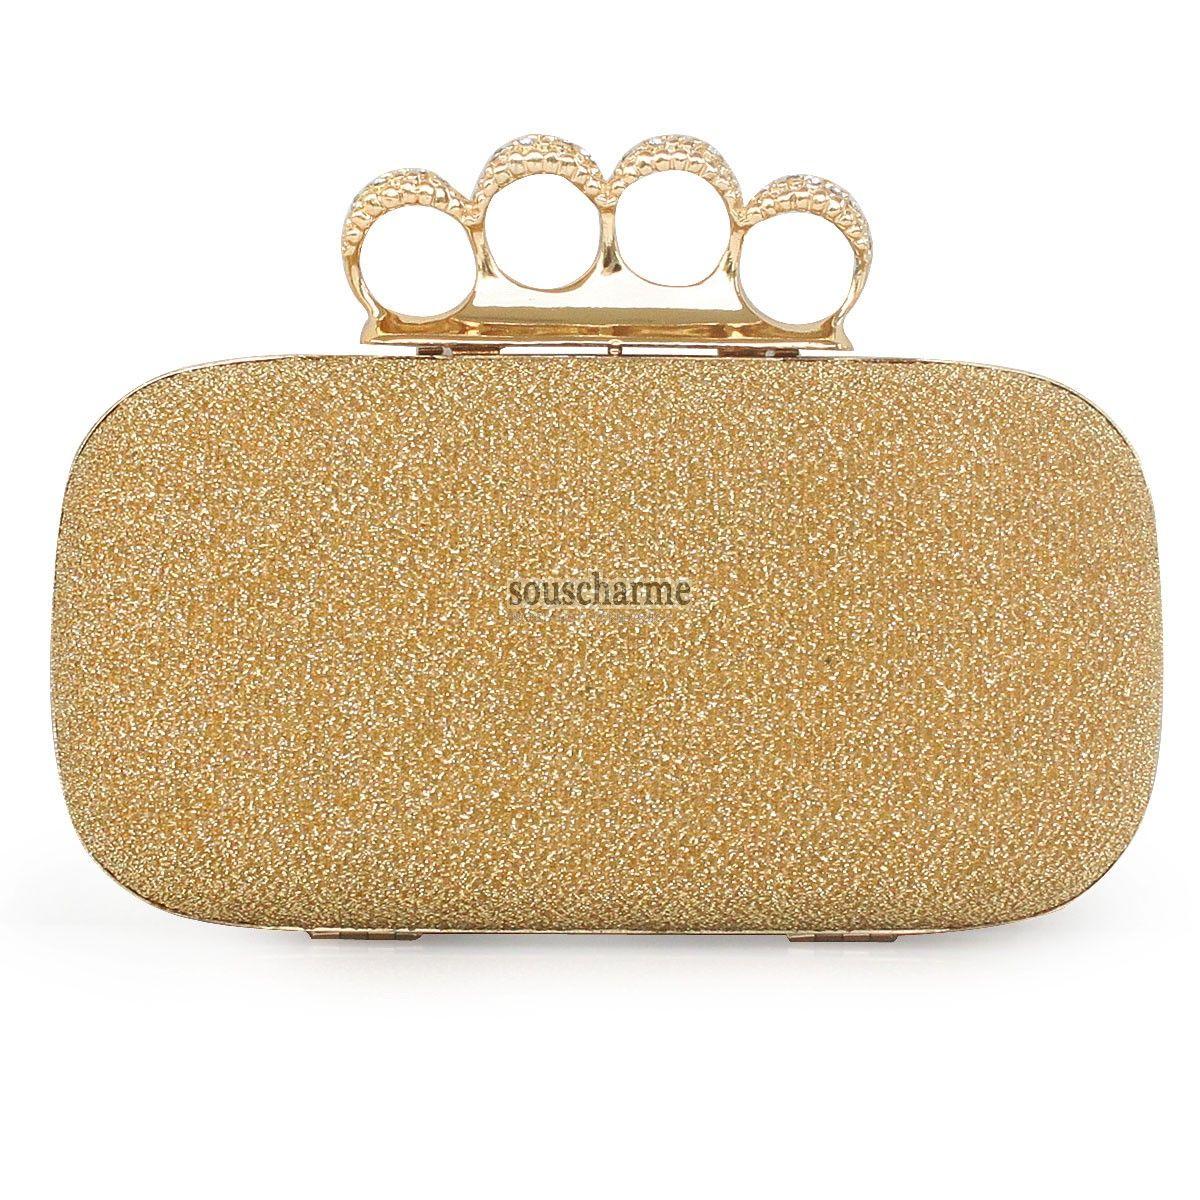 b281afc5f3 Pochette soirée dorée sac pas cher portefeuille femme rectangulaire  scintillante avec fermoir 4 cerceaux aux strass